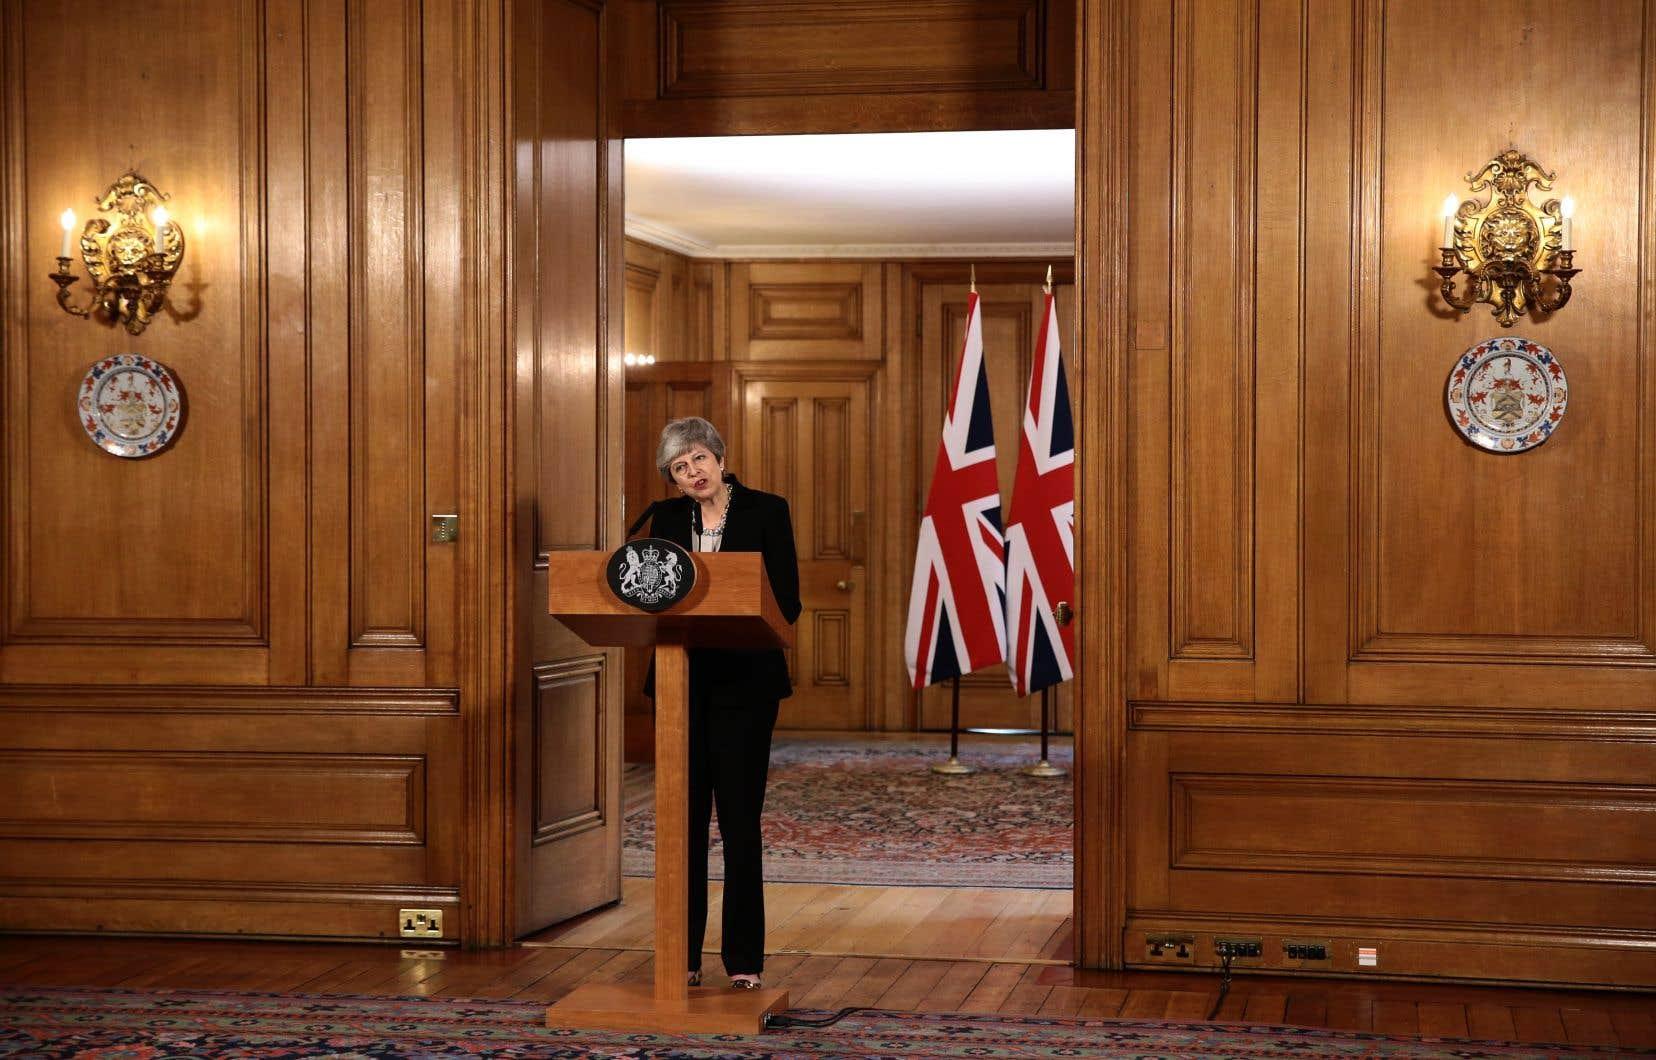 Au terme d'un Conseil des ministres de sept heures, MmeMay a indiqué que «le débat et les divisions ne pouvaient pas durer plus longtemps».